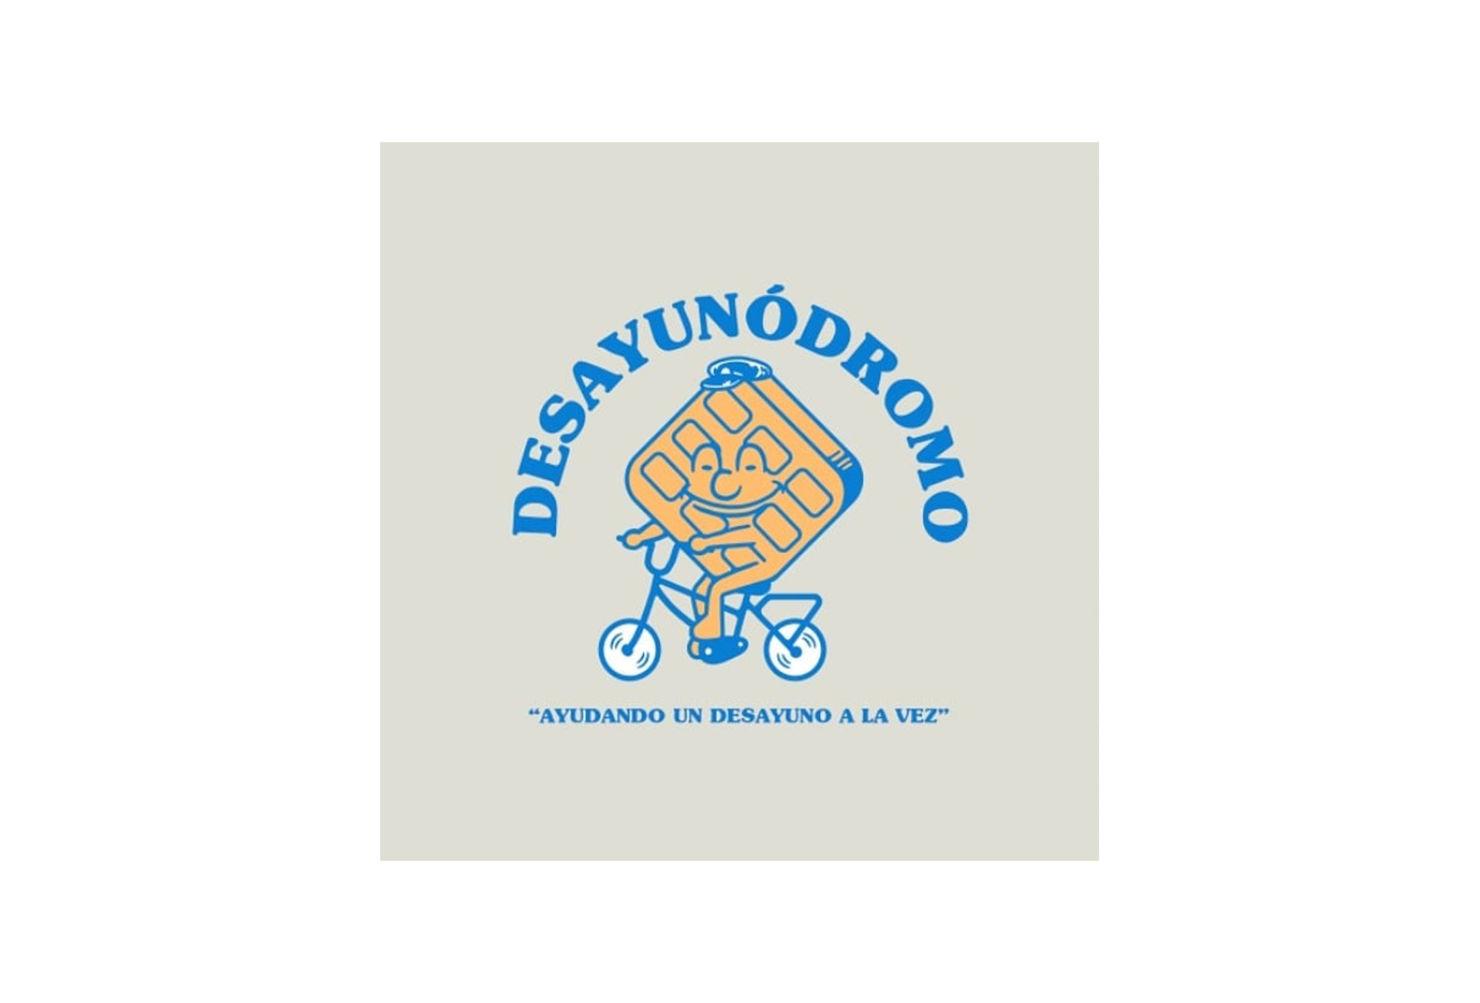 Conoce Desayunódromo, una iniciativa para ayudar mientras desayunas en tiempos de coronavirus